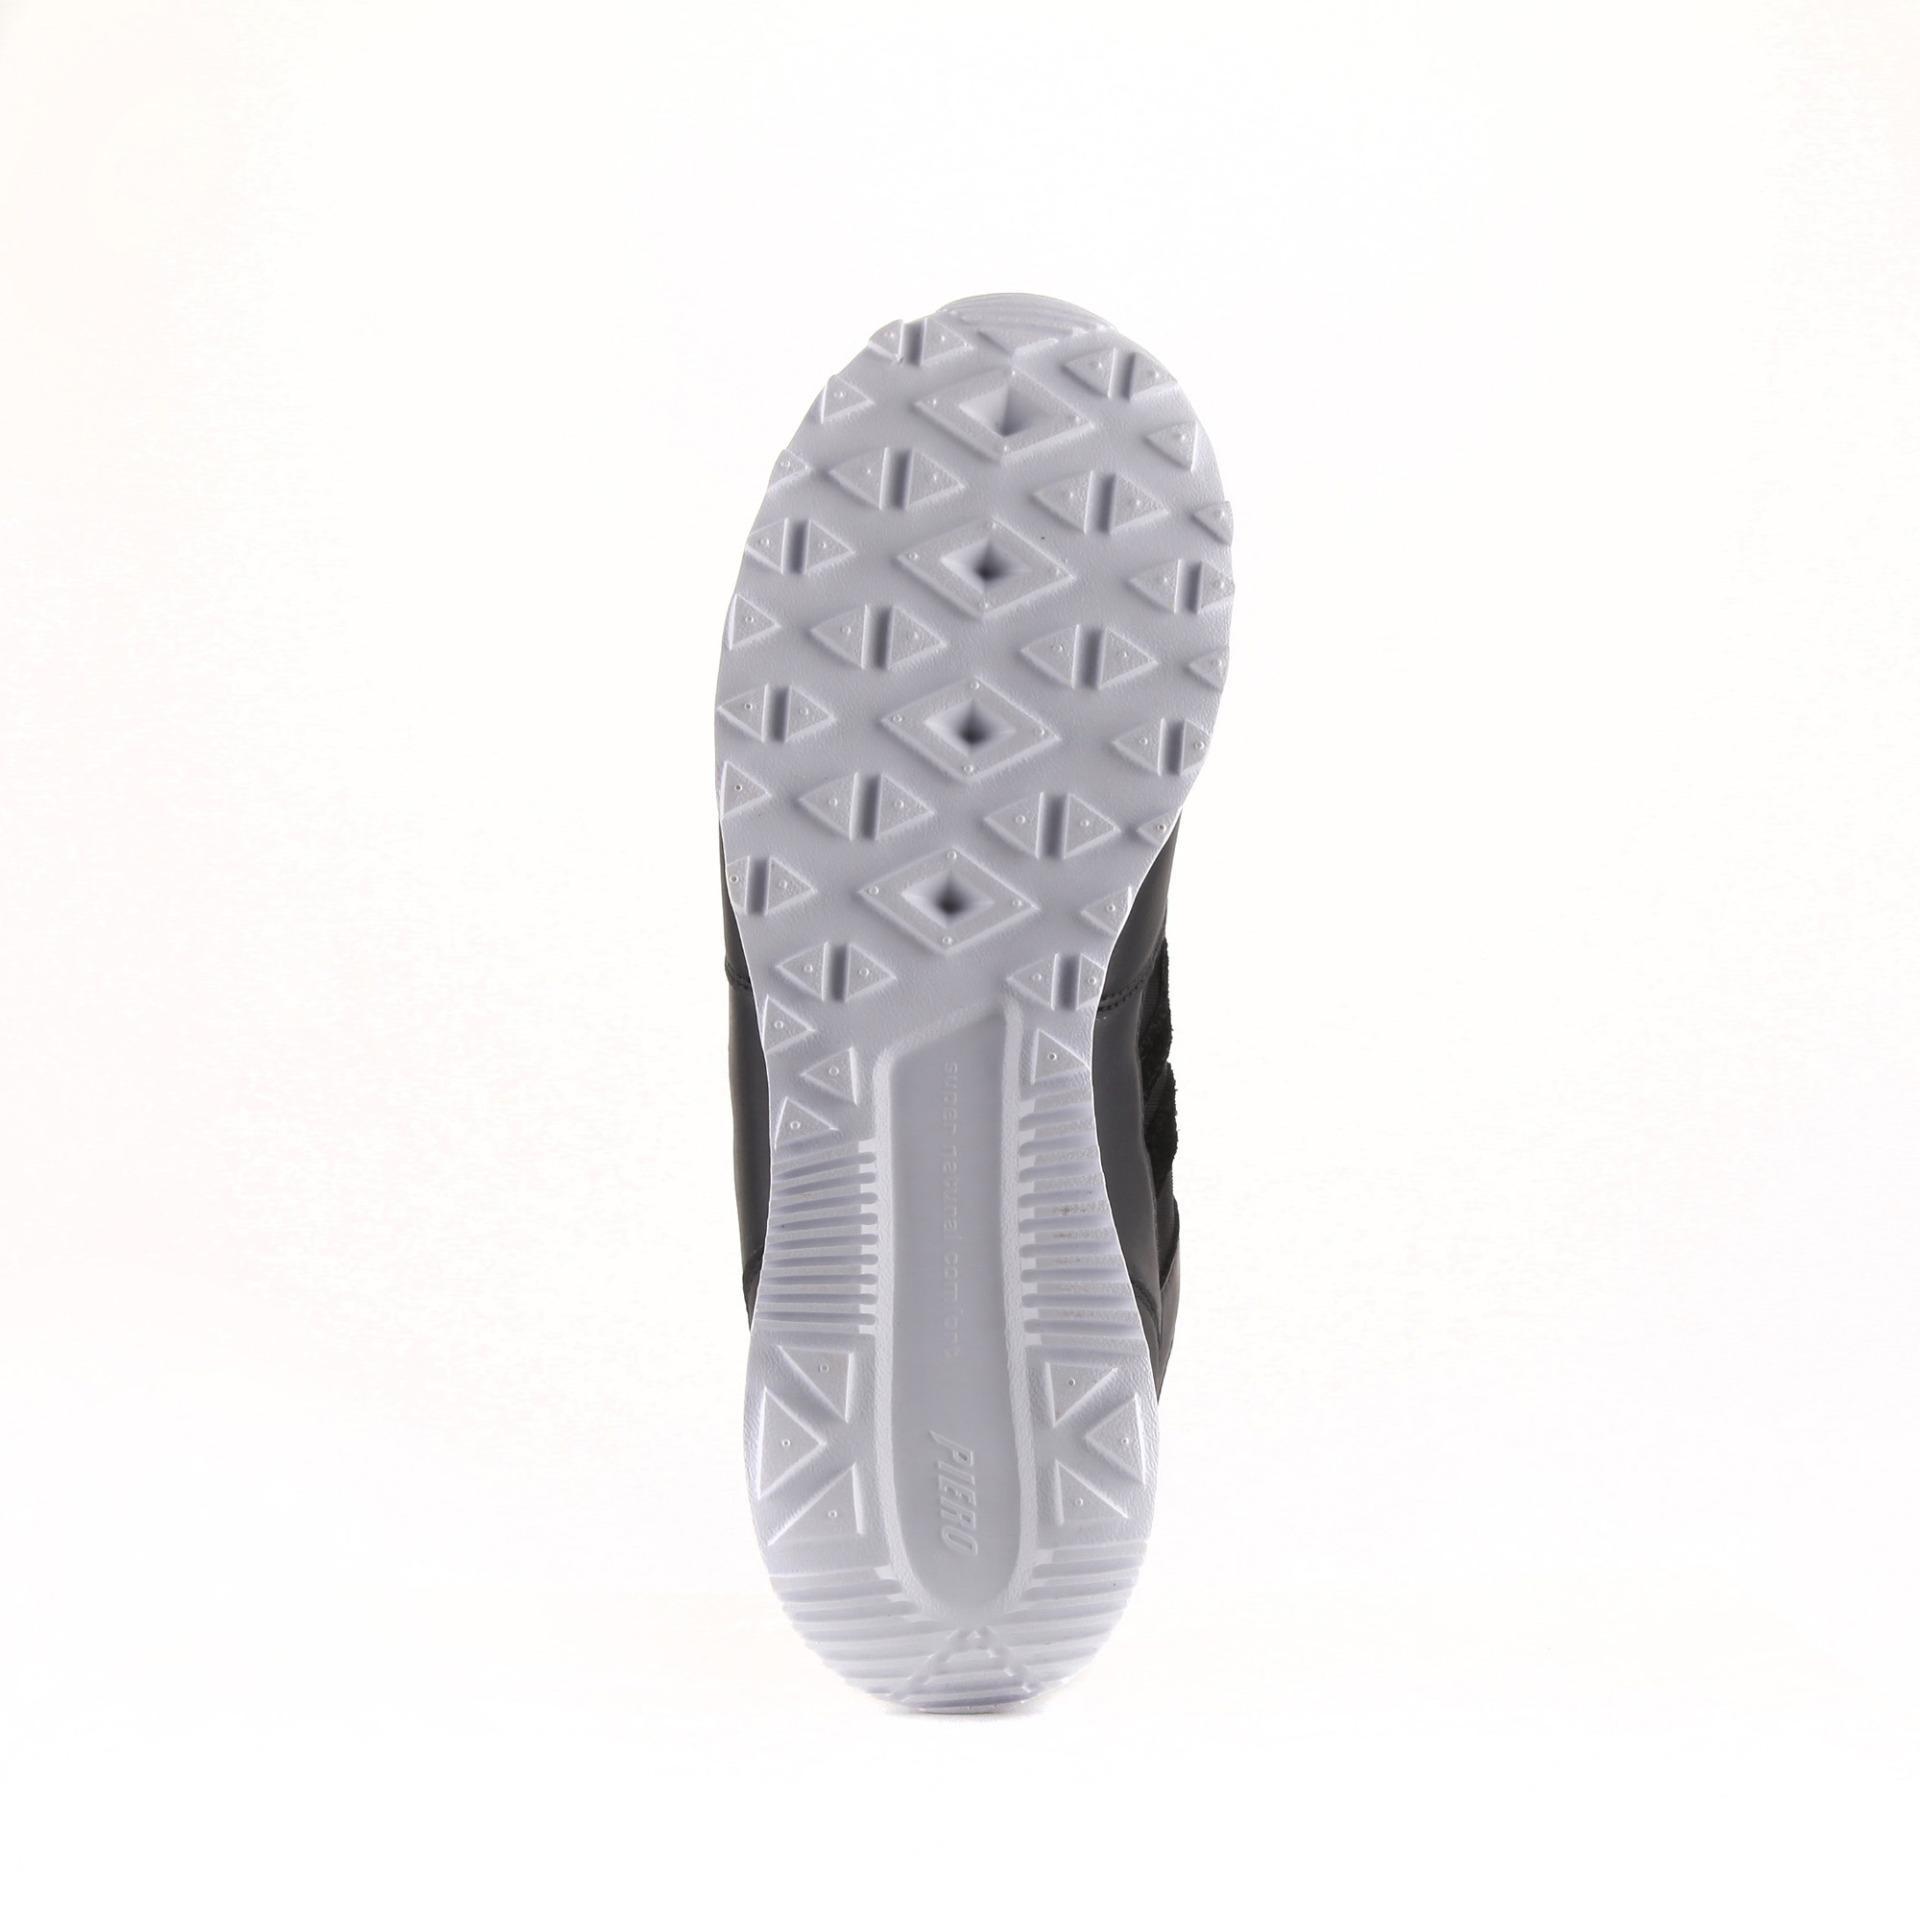 Anggaran Terbaik Sepatu Running Piero P20064 Jogger Hitam Putih Sneakers Eva Trainer Dark Pack